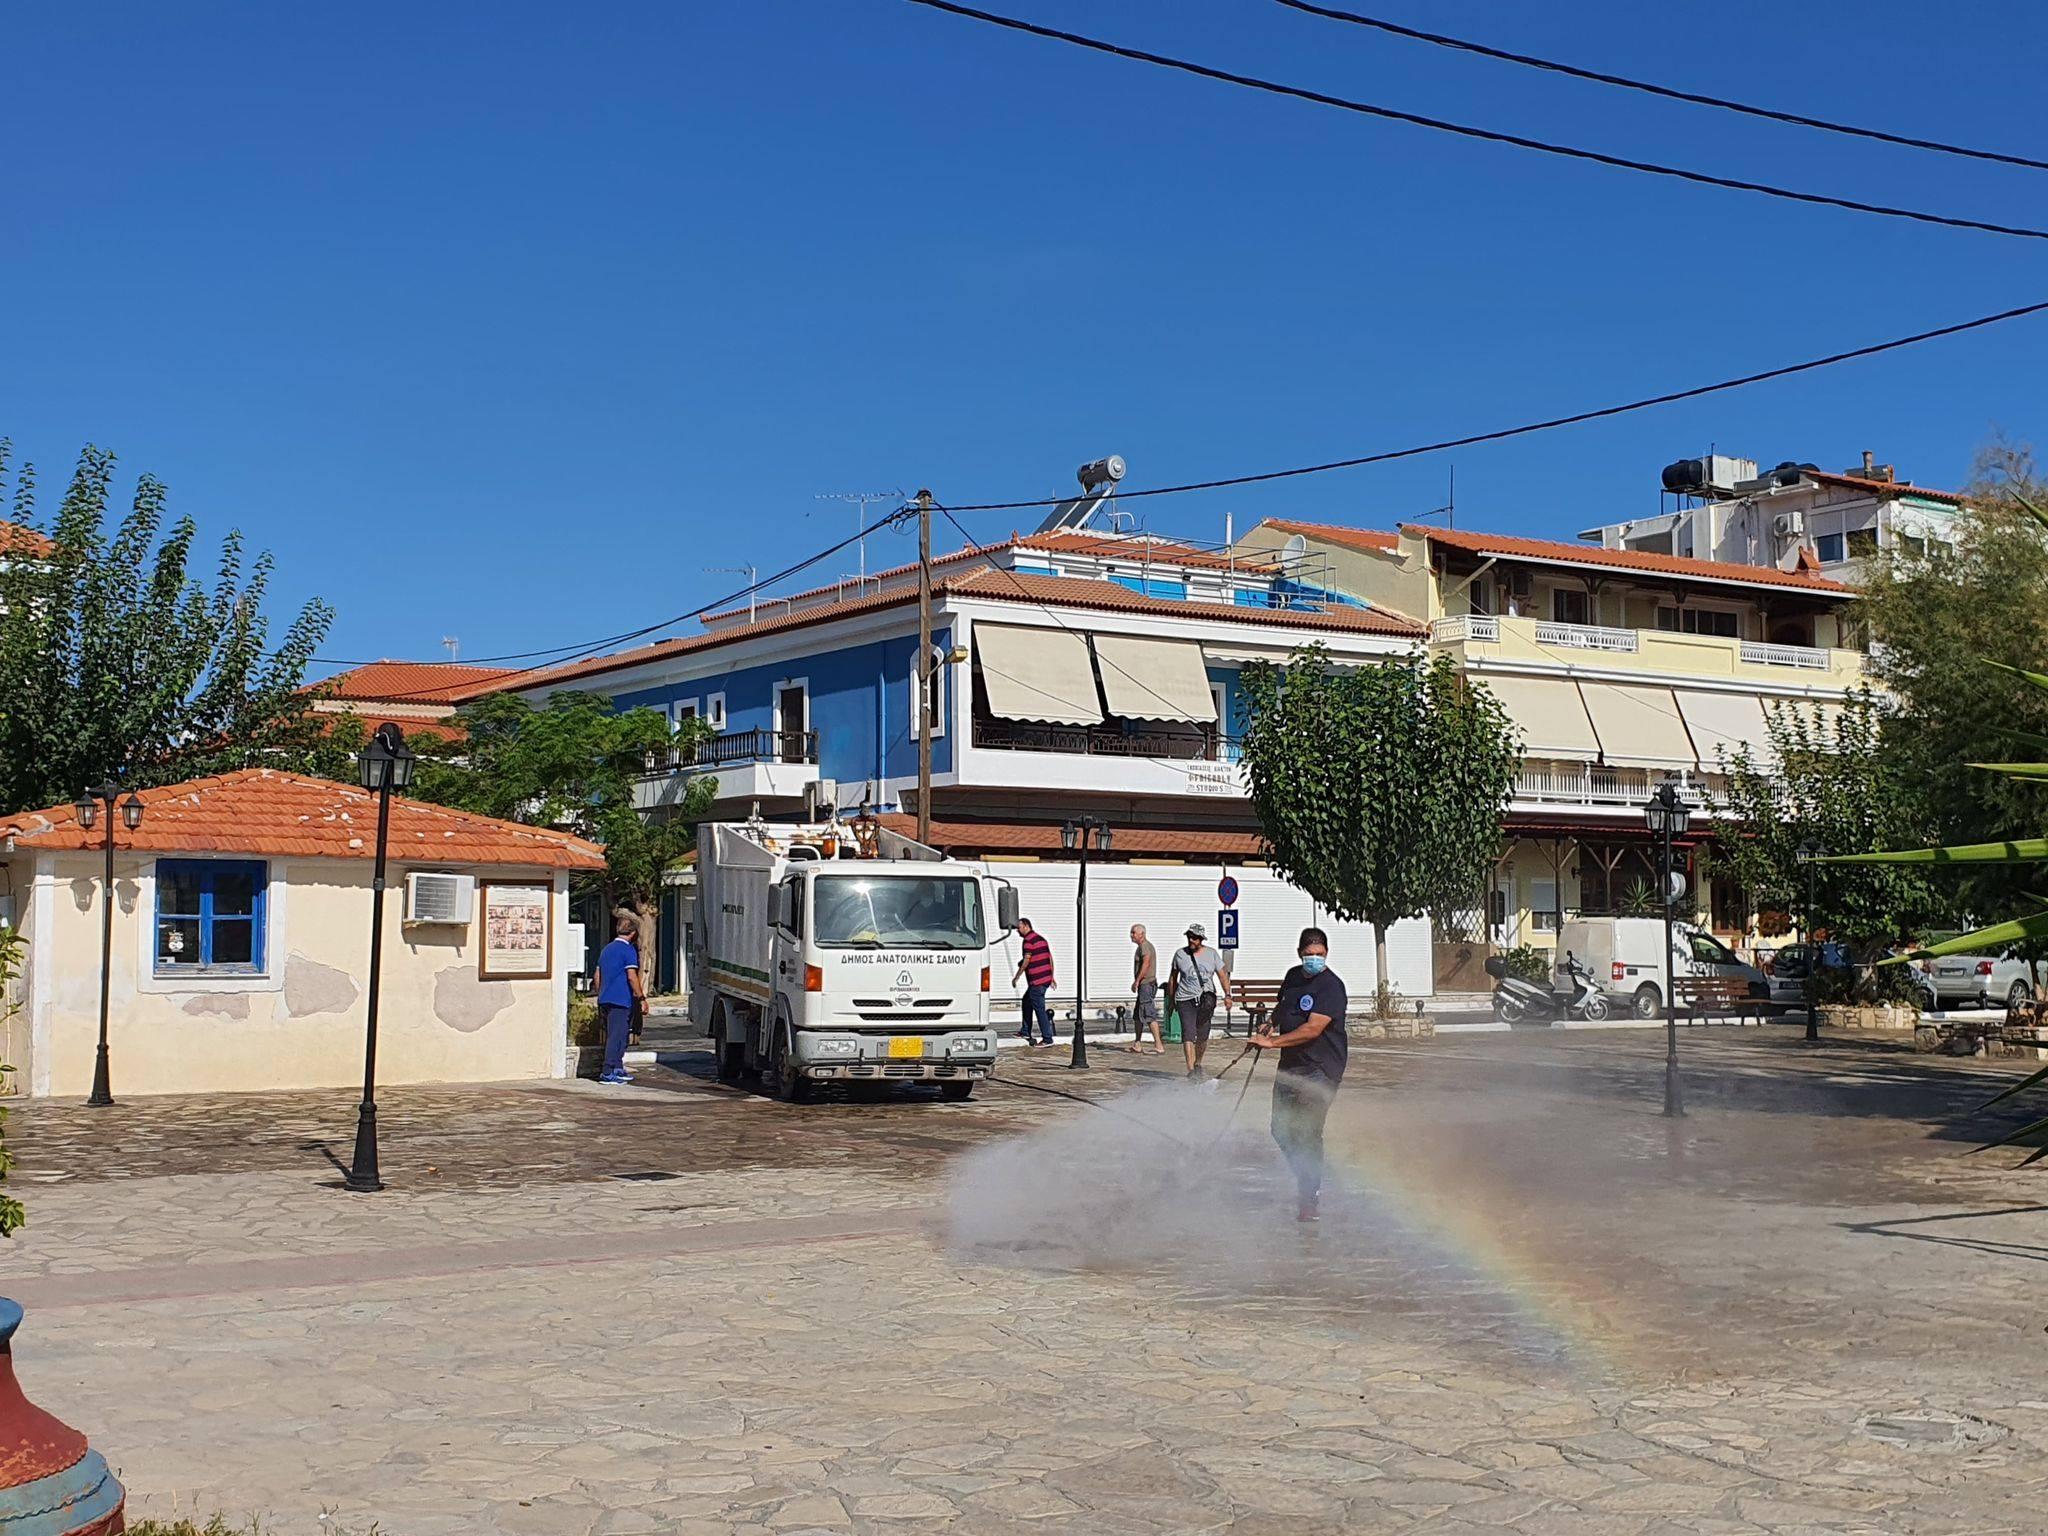 Συνέχεια απολυμάνσεων στον Δήμο Αν. Σάμου. Γιώργος Στάντζος: Άμεσα, χθες.. υγειονομική ενίσχυση του νησιού μας πριν να είναι αργά...